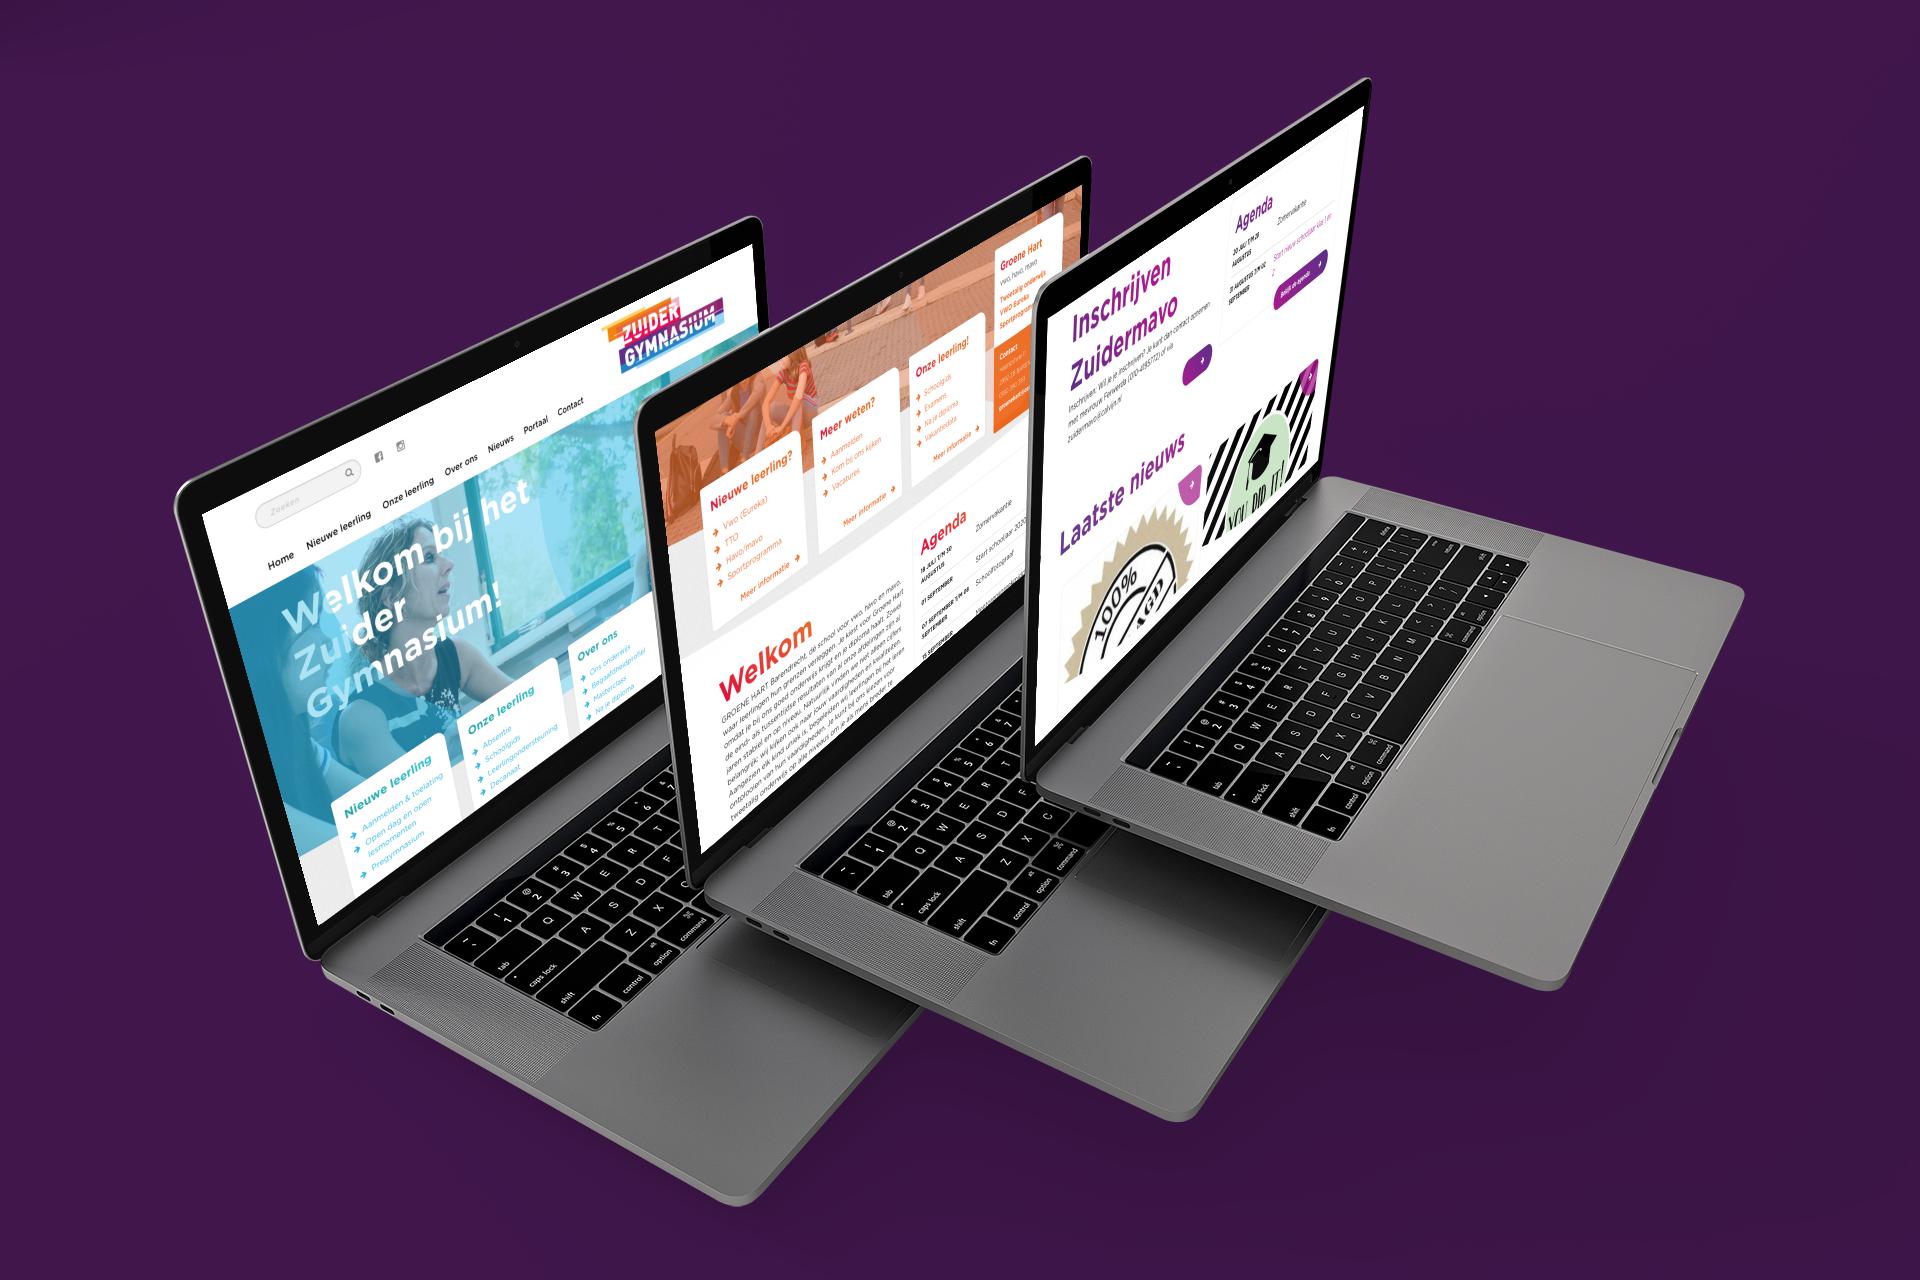 drie laptops met website van Calvijn op het scherm